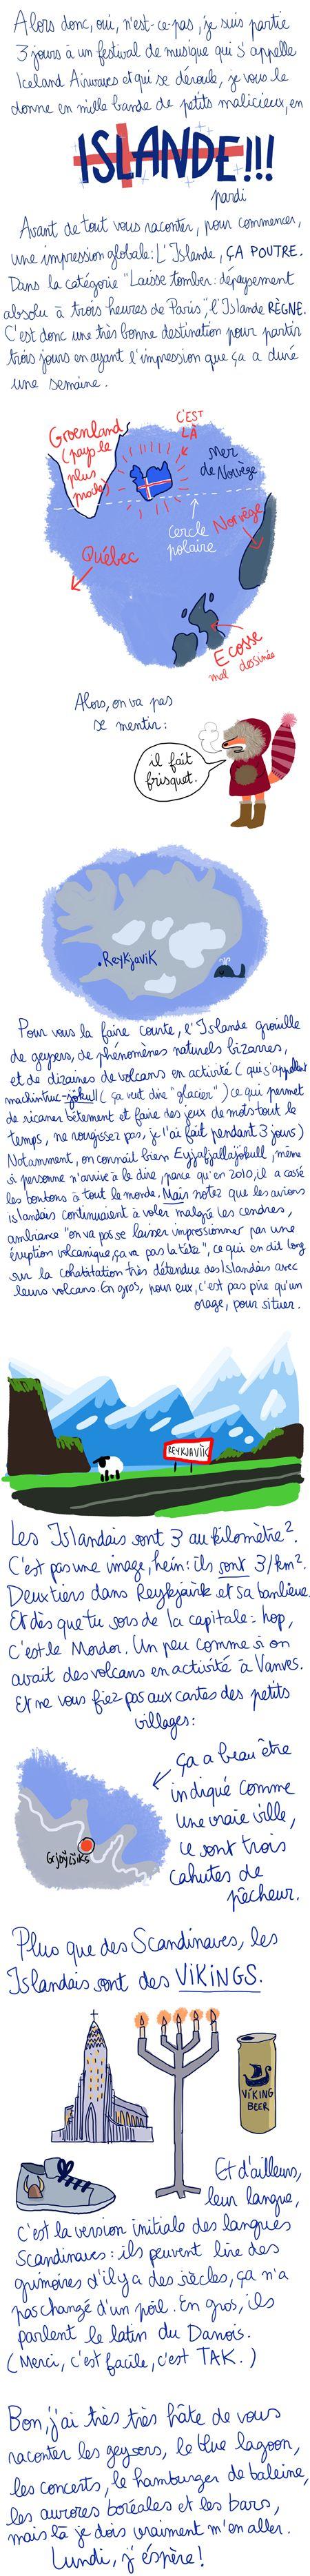 Excellent work by Pénélope Bagieu!! 'Ma vie est tout à fait fascinante: Islande'